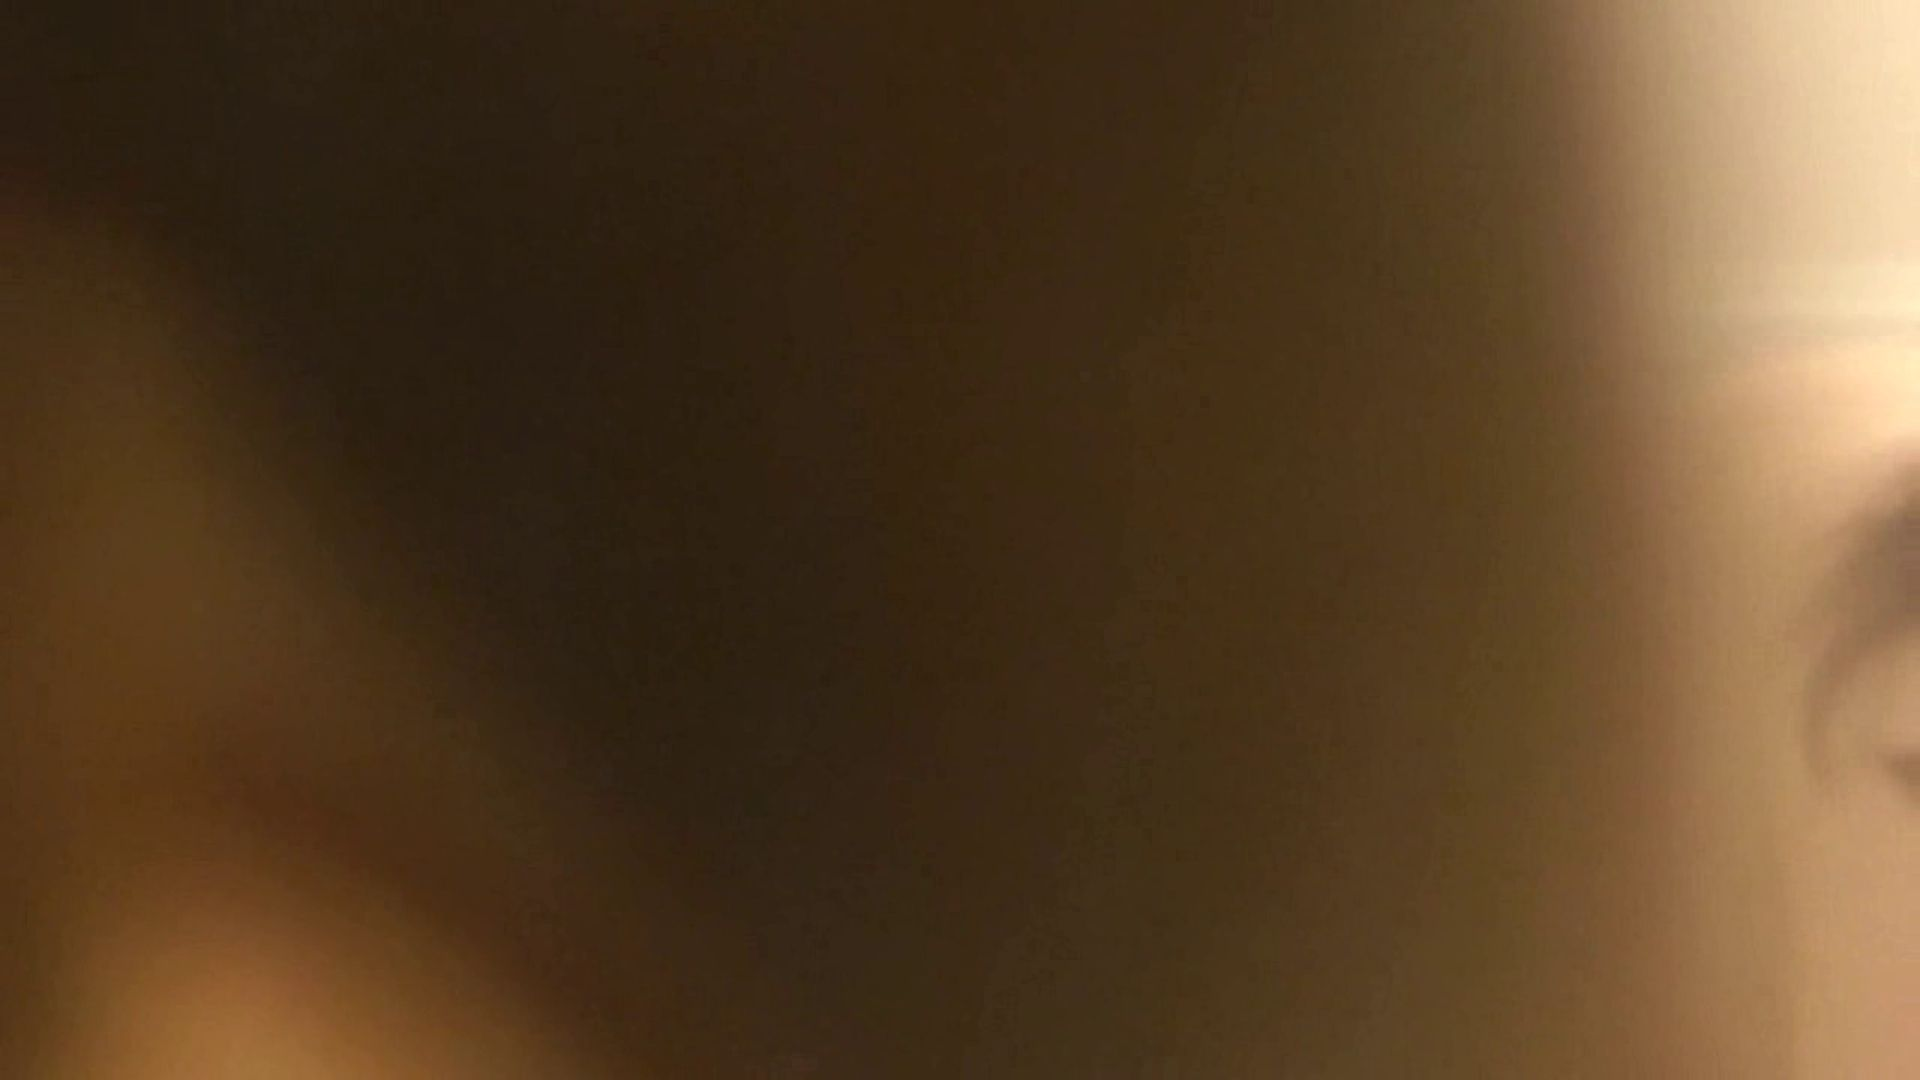 vol.1 Mayumi 窓越しに入浴シーン撮影に成功 いやらしいOL | 0  60連発 4